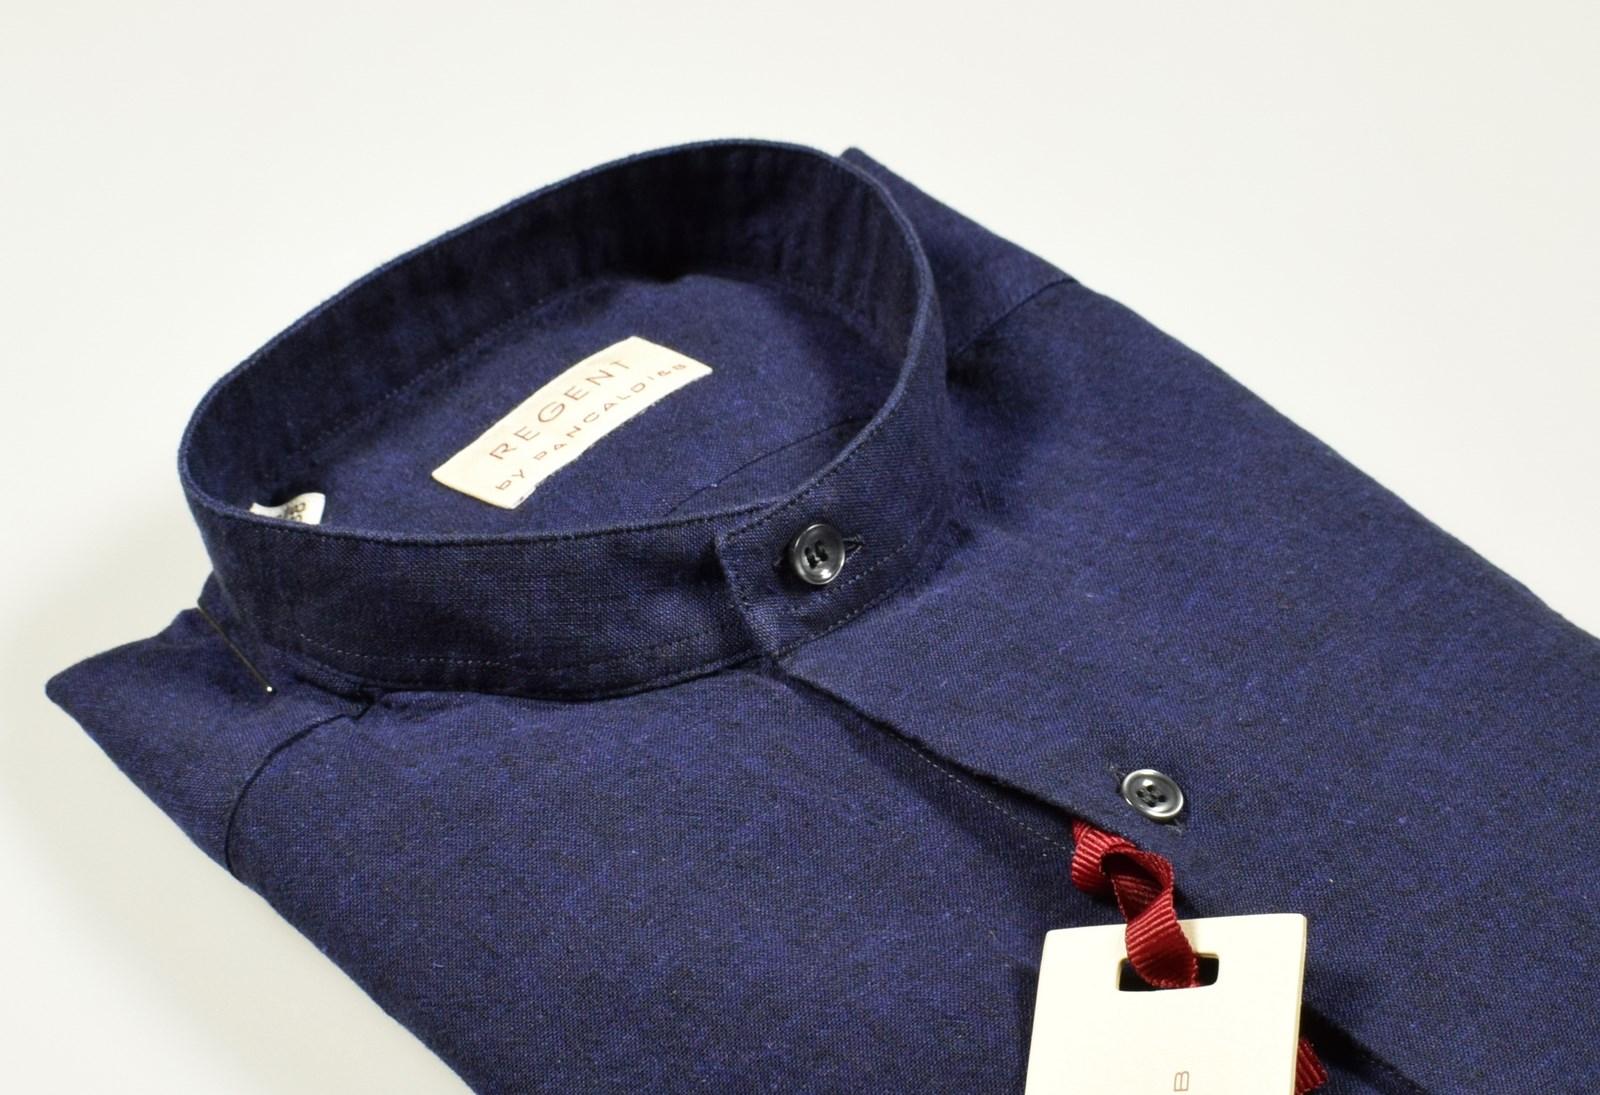 3706dc90ce Acquista la collezione primavera estate 2019 camicie uomo alla ...